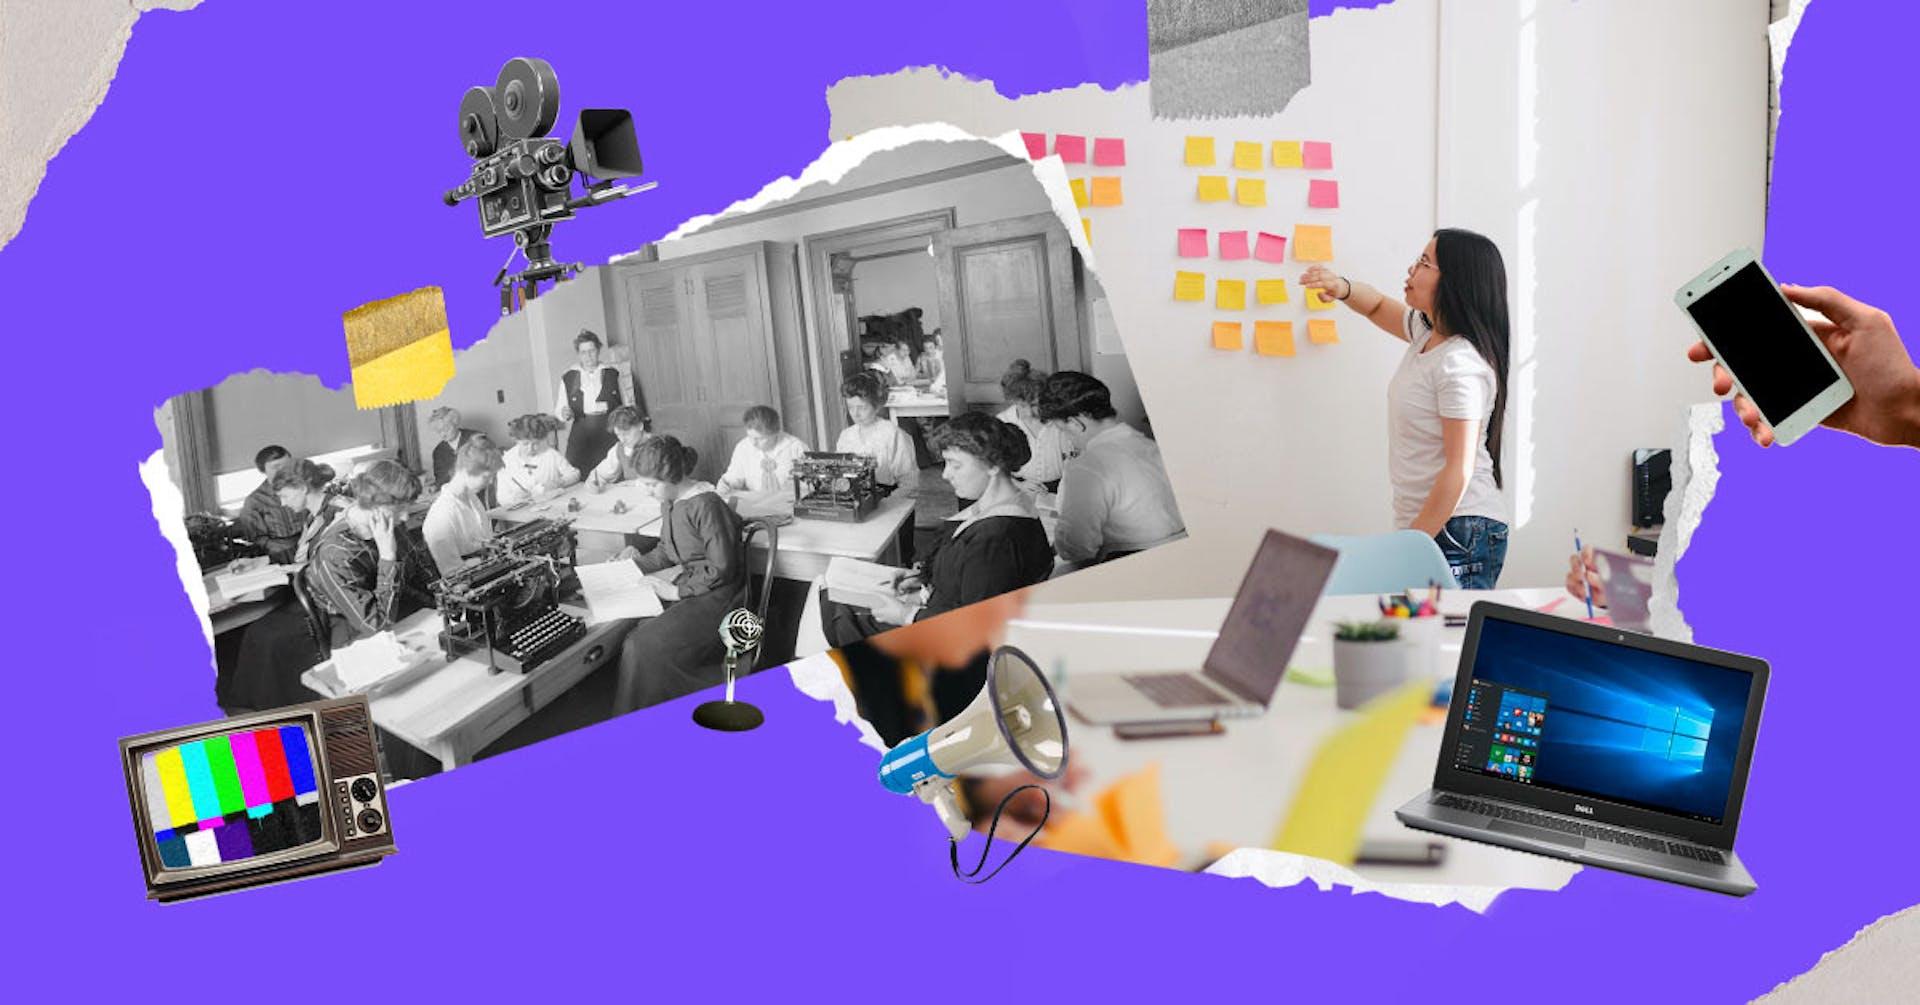 Desafios de marketing: aplique este treinamento de marketing digital à sua equipe